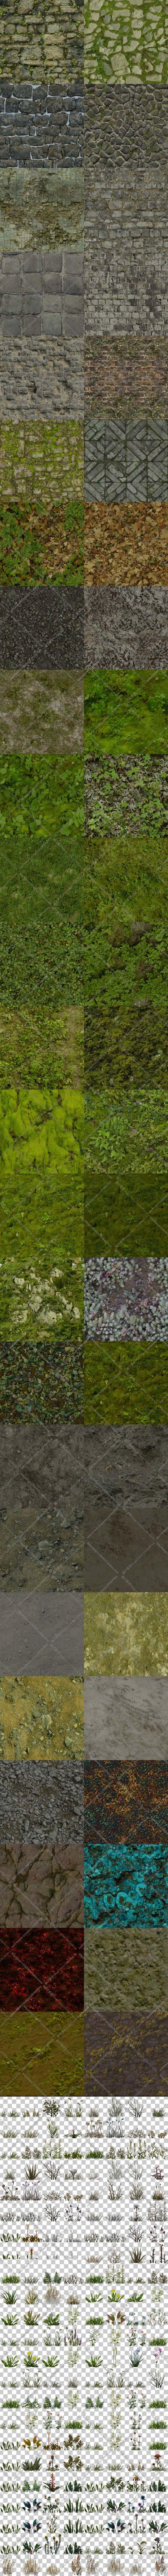 游戏美术资源 手绘写实类地表与植物花草p...